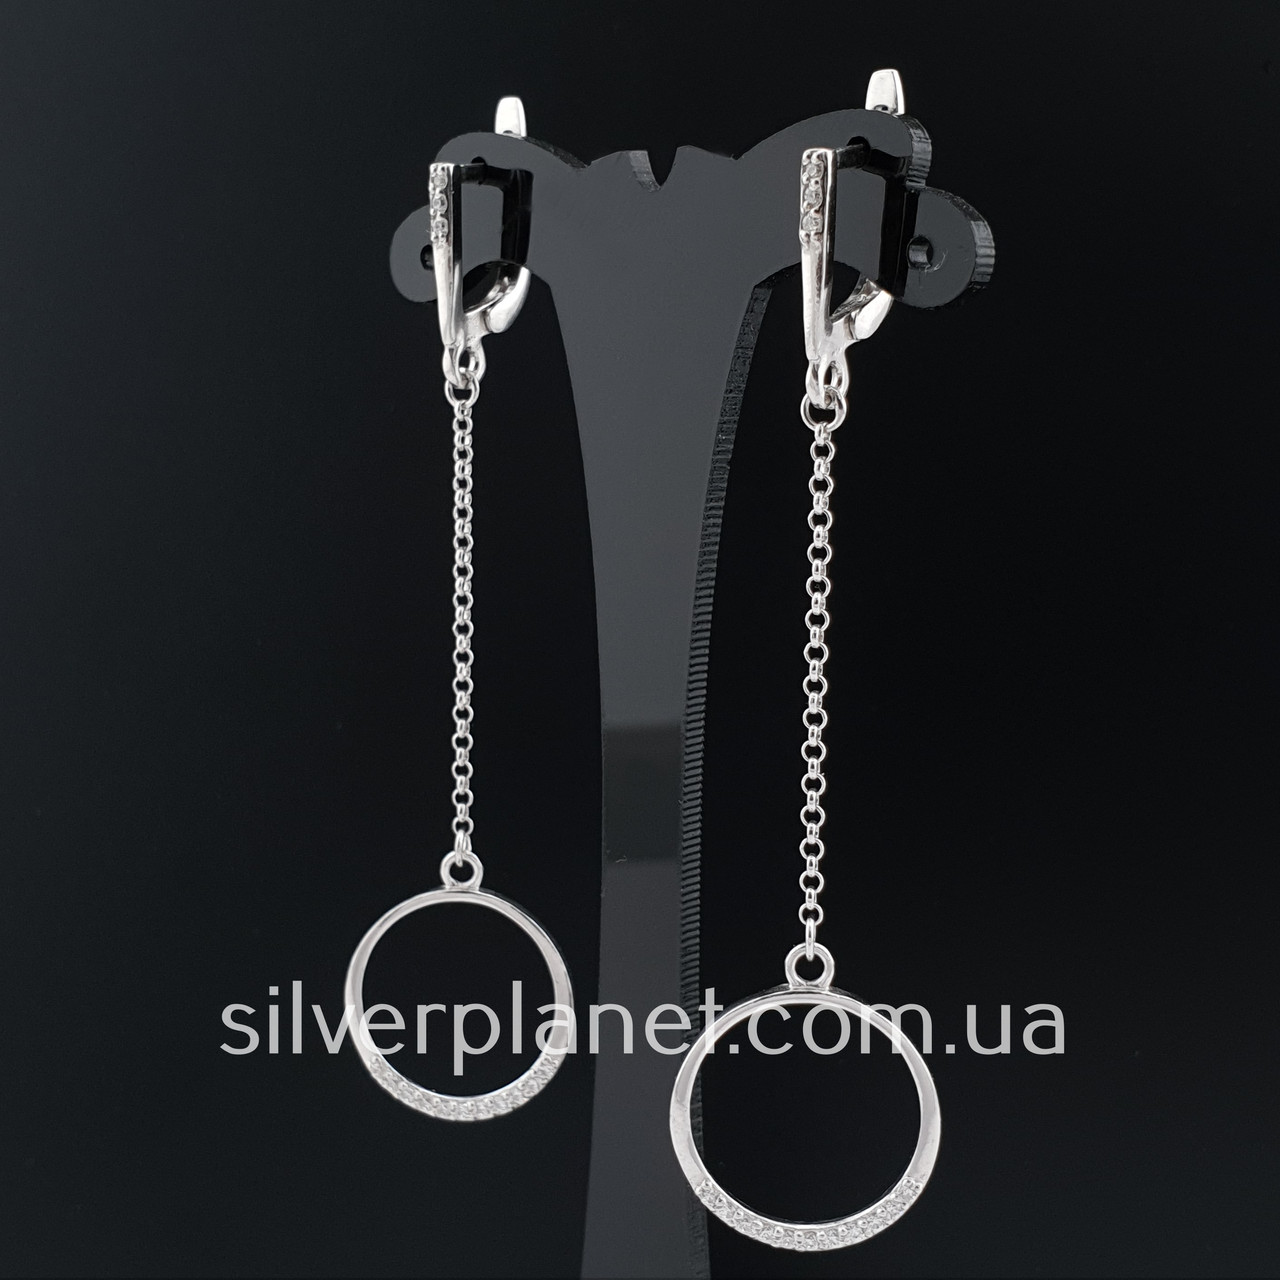 Длинные серебряные серьги подвески геометрия с камушками. Стильные сережки цепочки родированные серебро 925